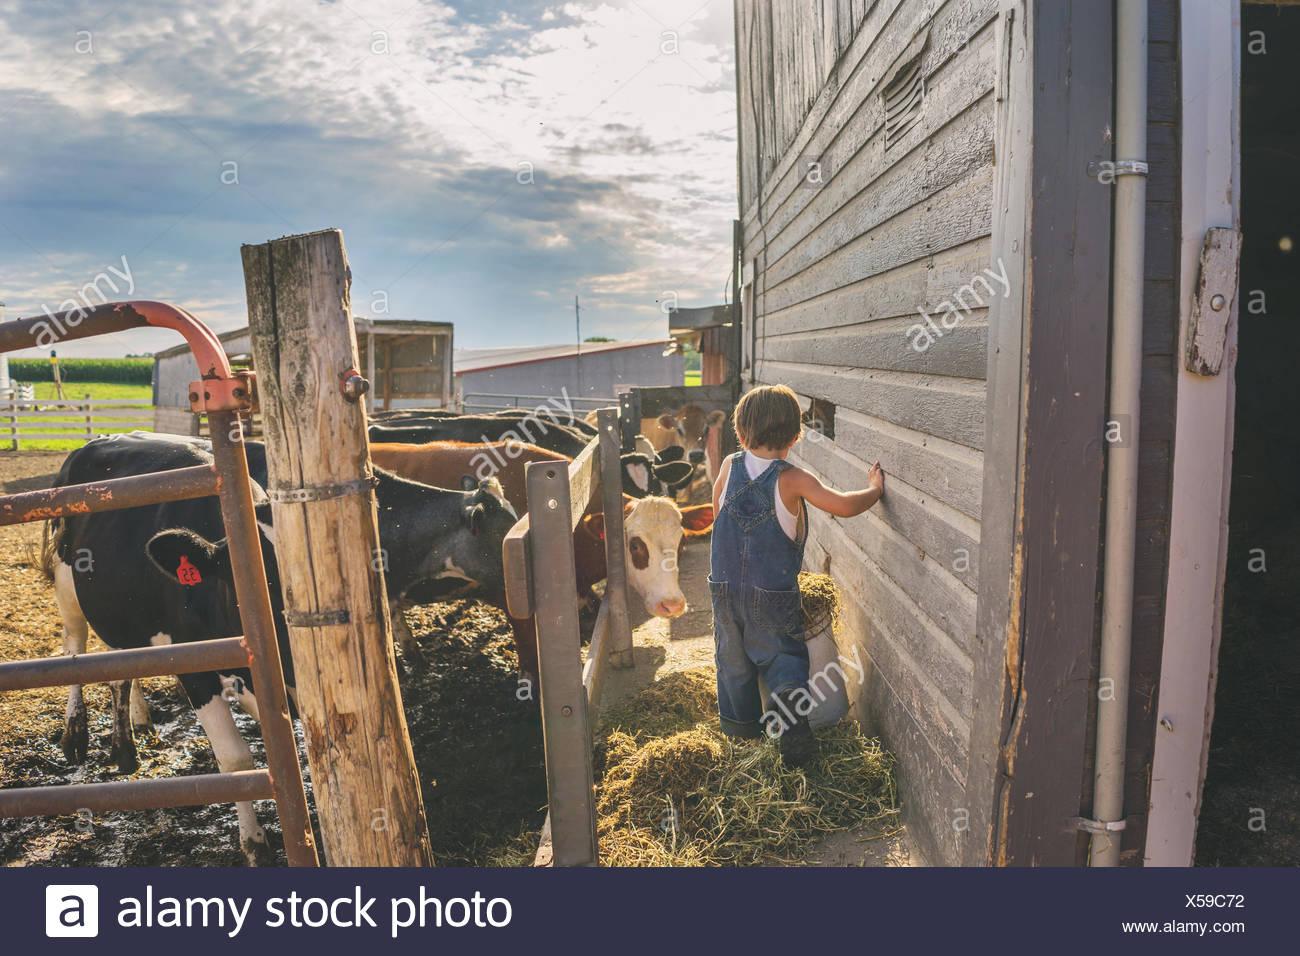 Junge, die Fütterung von Rindern auf einem Bauernhof Stockbild